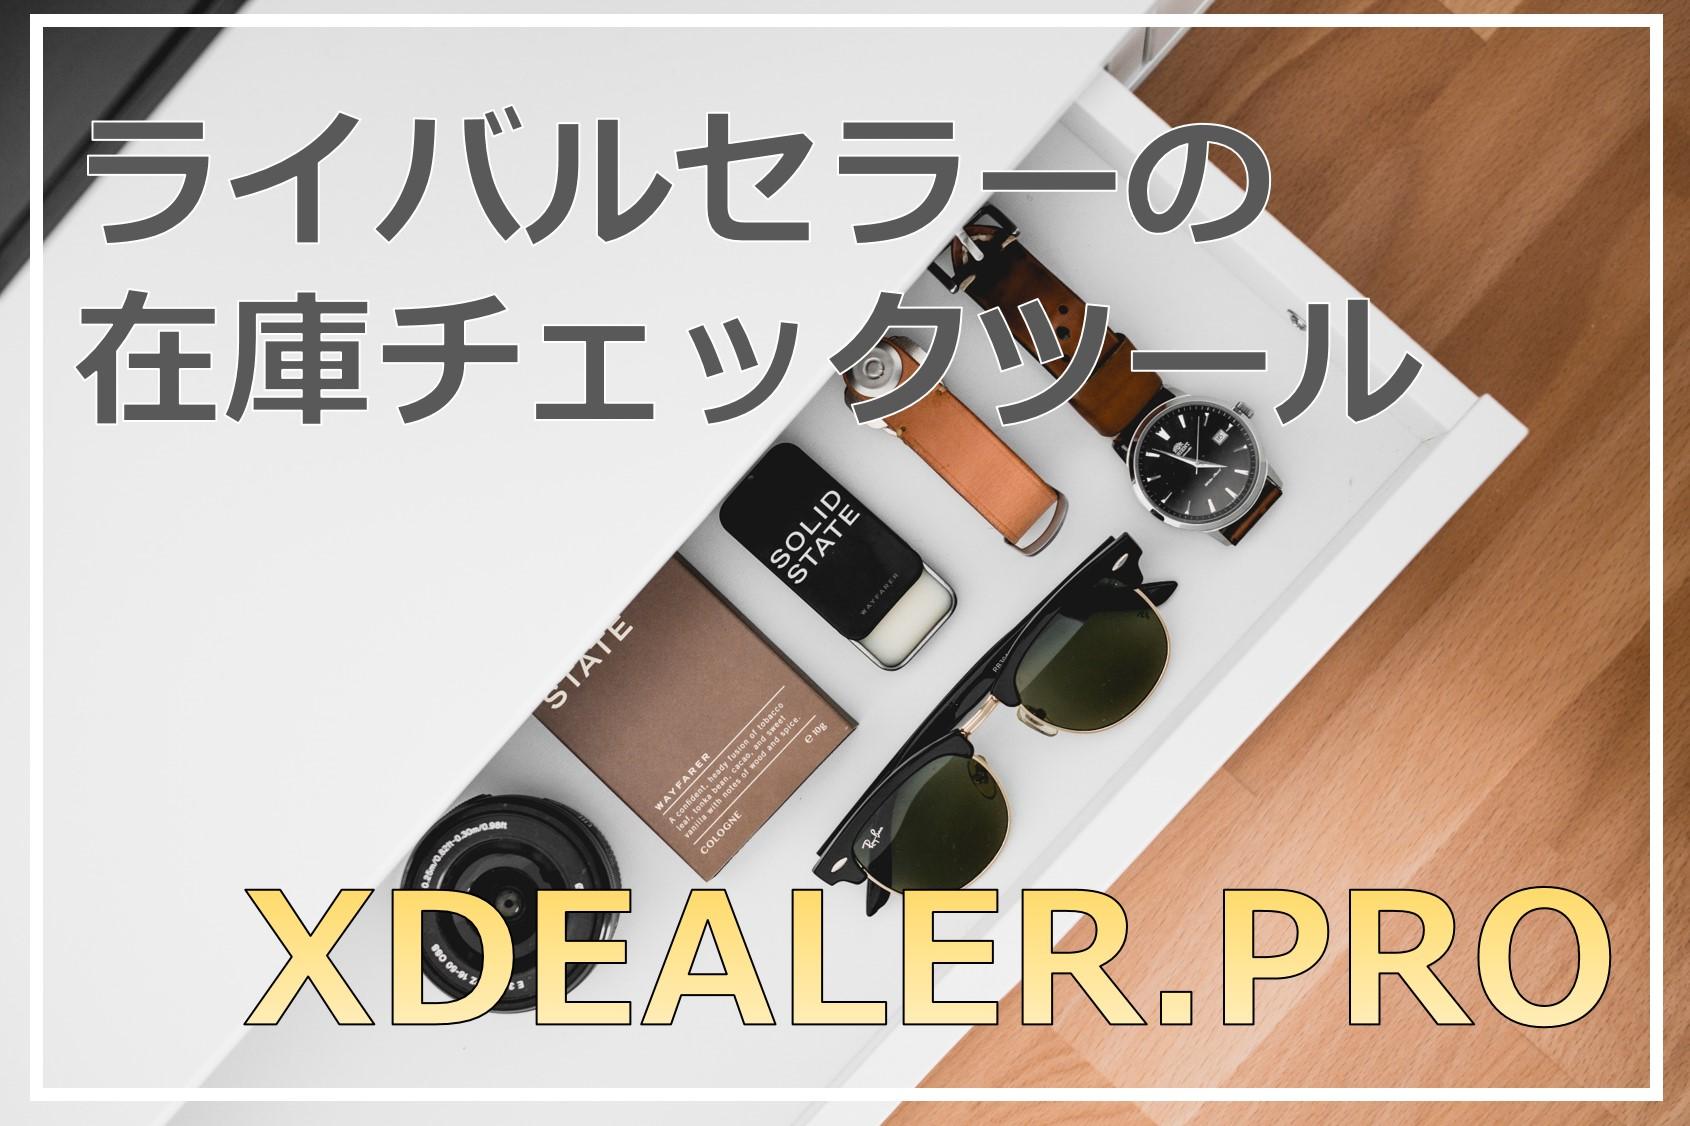 ライバルセラーの在庫が見えるツール『XStock3』が『XDEALER.PRO』に